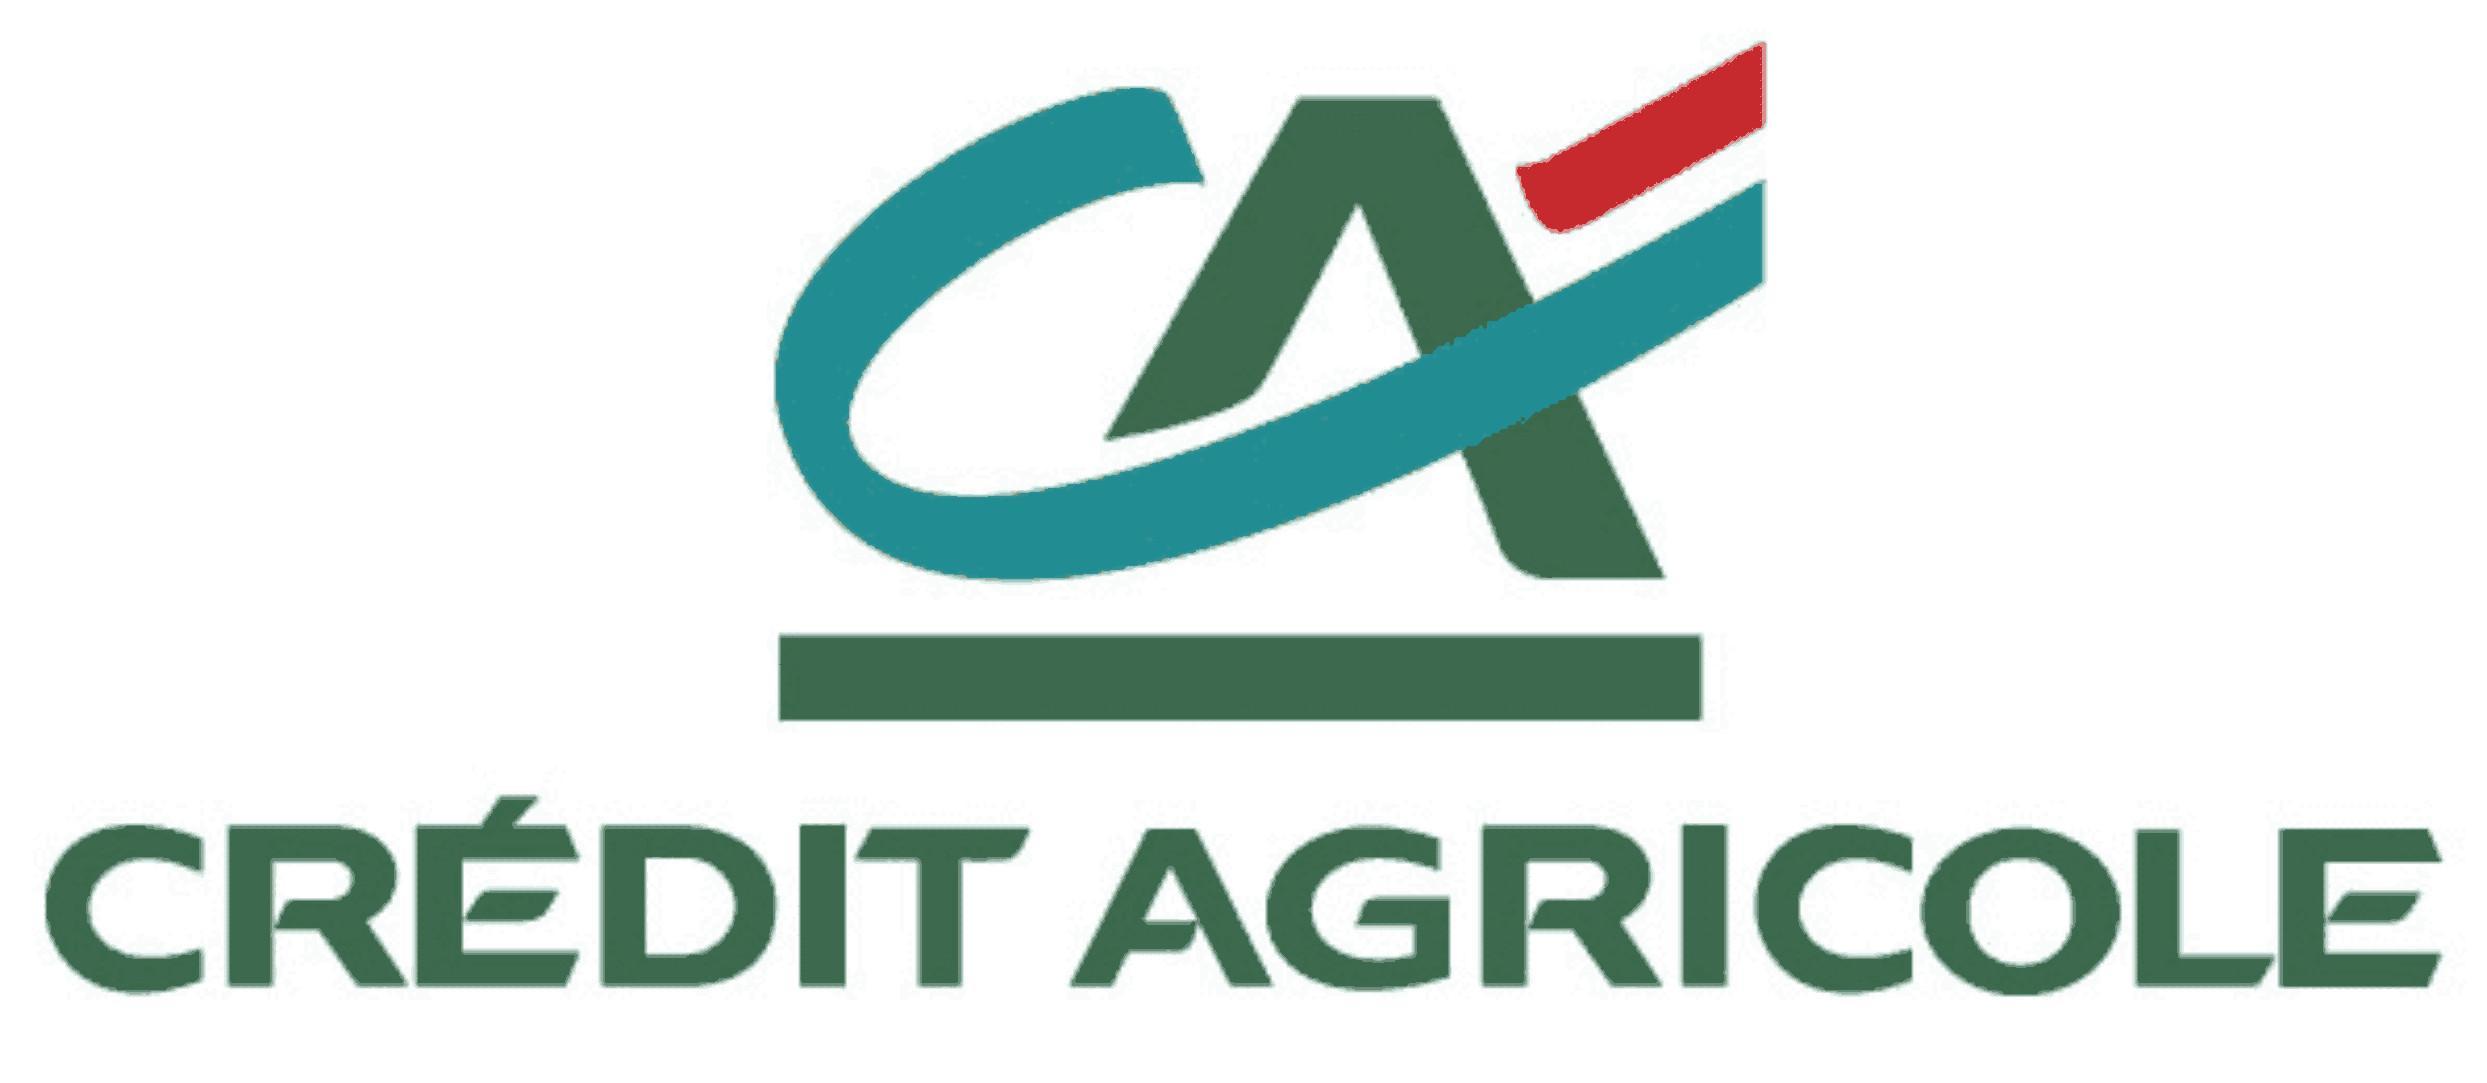 crédit agricole partenaire de l'ENSAM